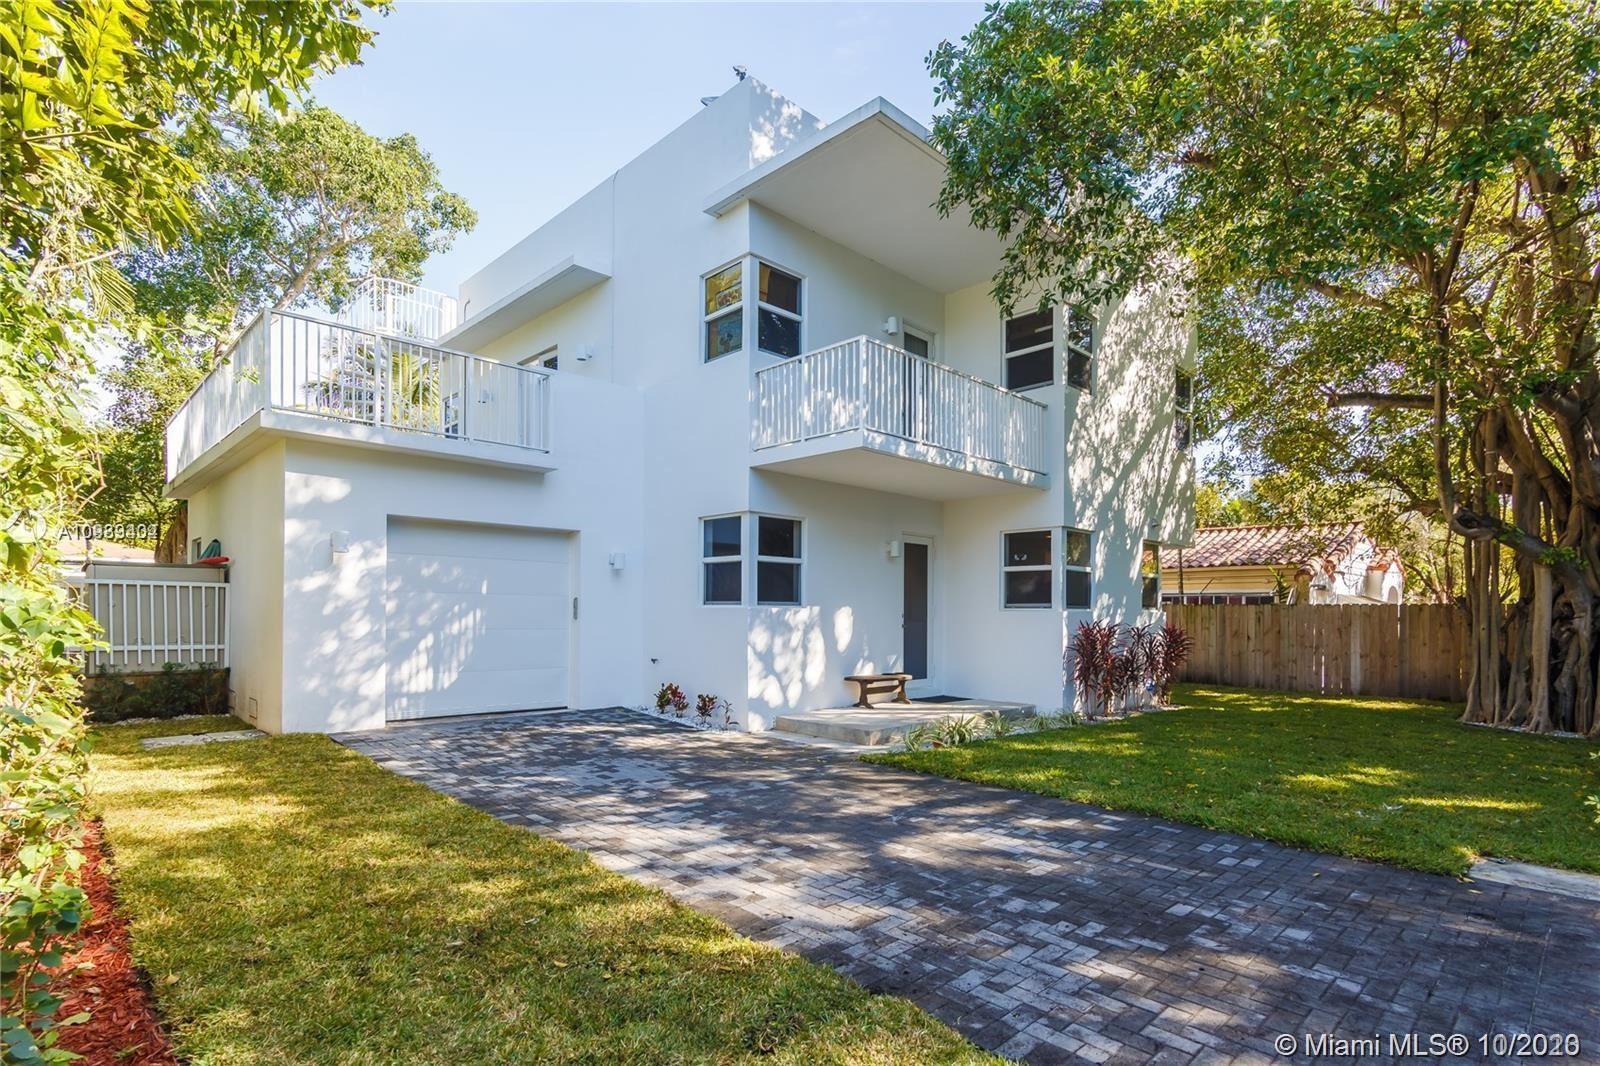 795 NE 70th St, Miami, FL 33138 - #: A10939404